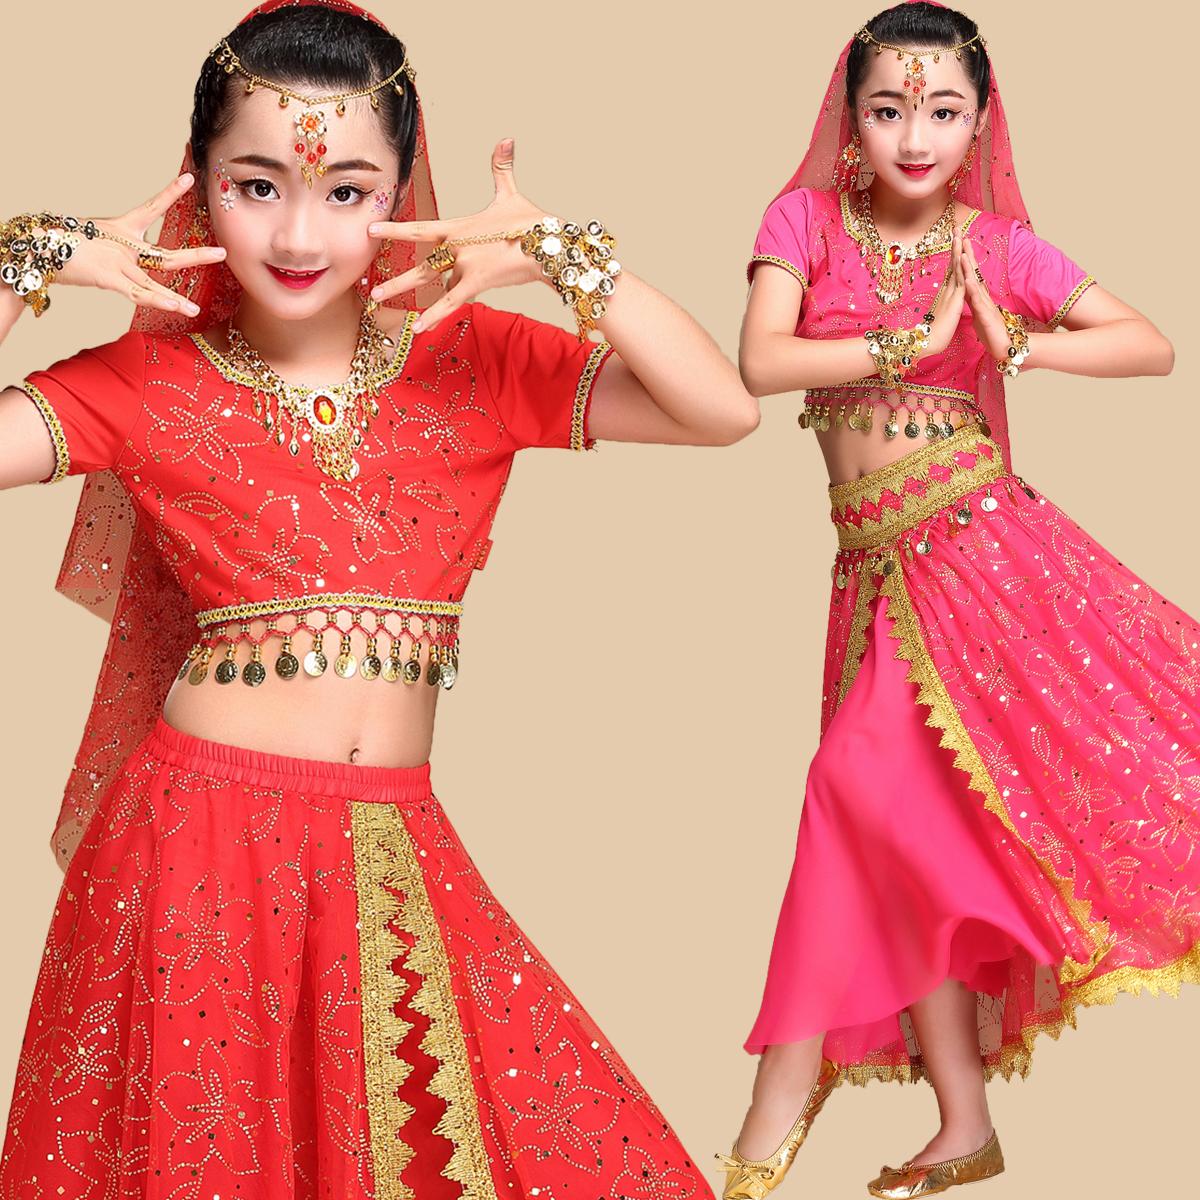 幼磁女_少儿少数民族表演服饰印度肚皮舞台服装幼儿童新疆舞蹈演出服装女